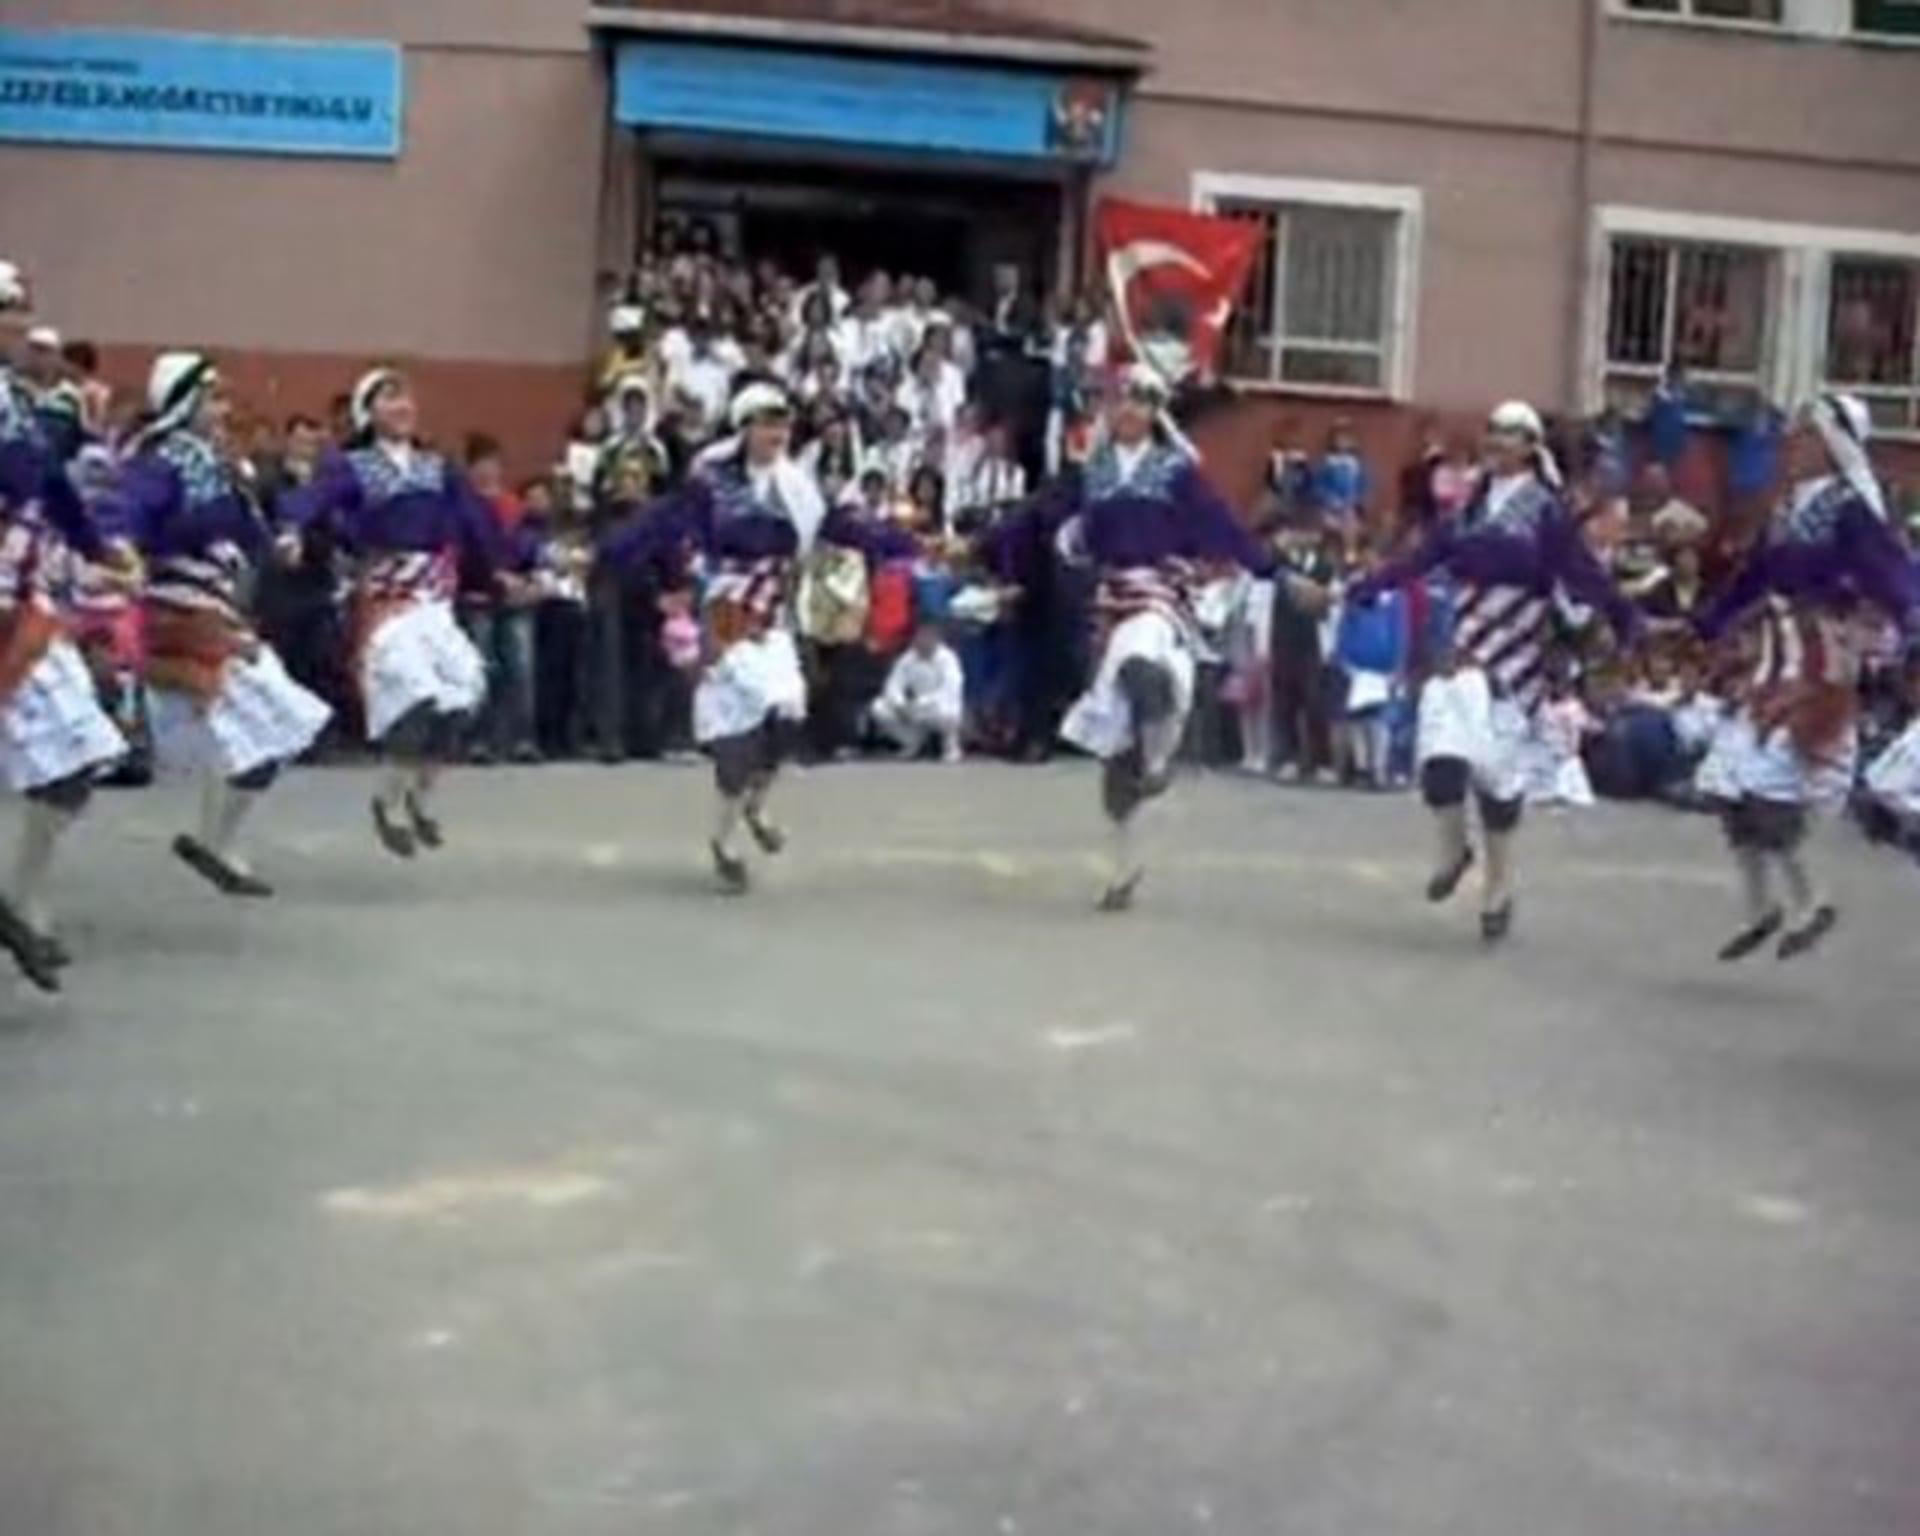 Gebze Zafer İÖO Halk Oyunları Ekibi 23 Nisan Gösterisi